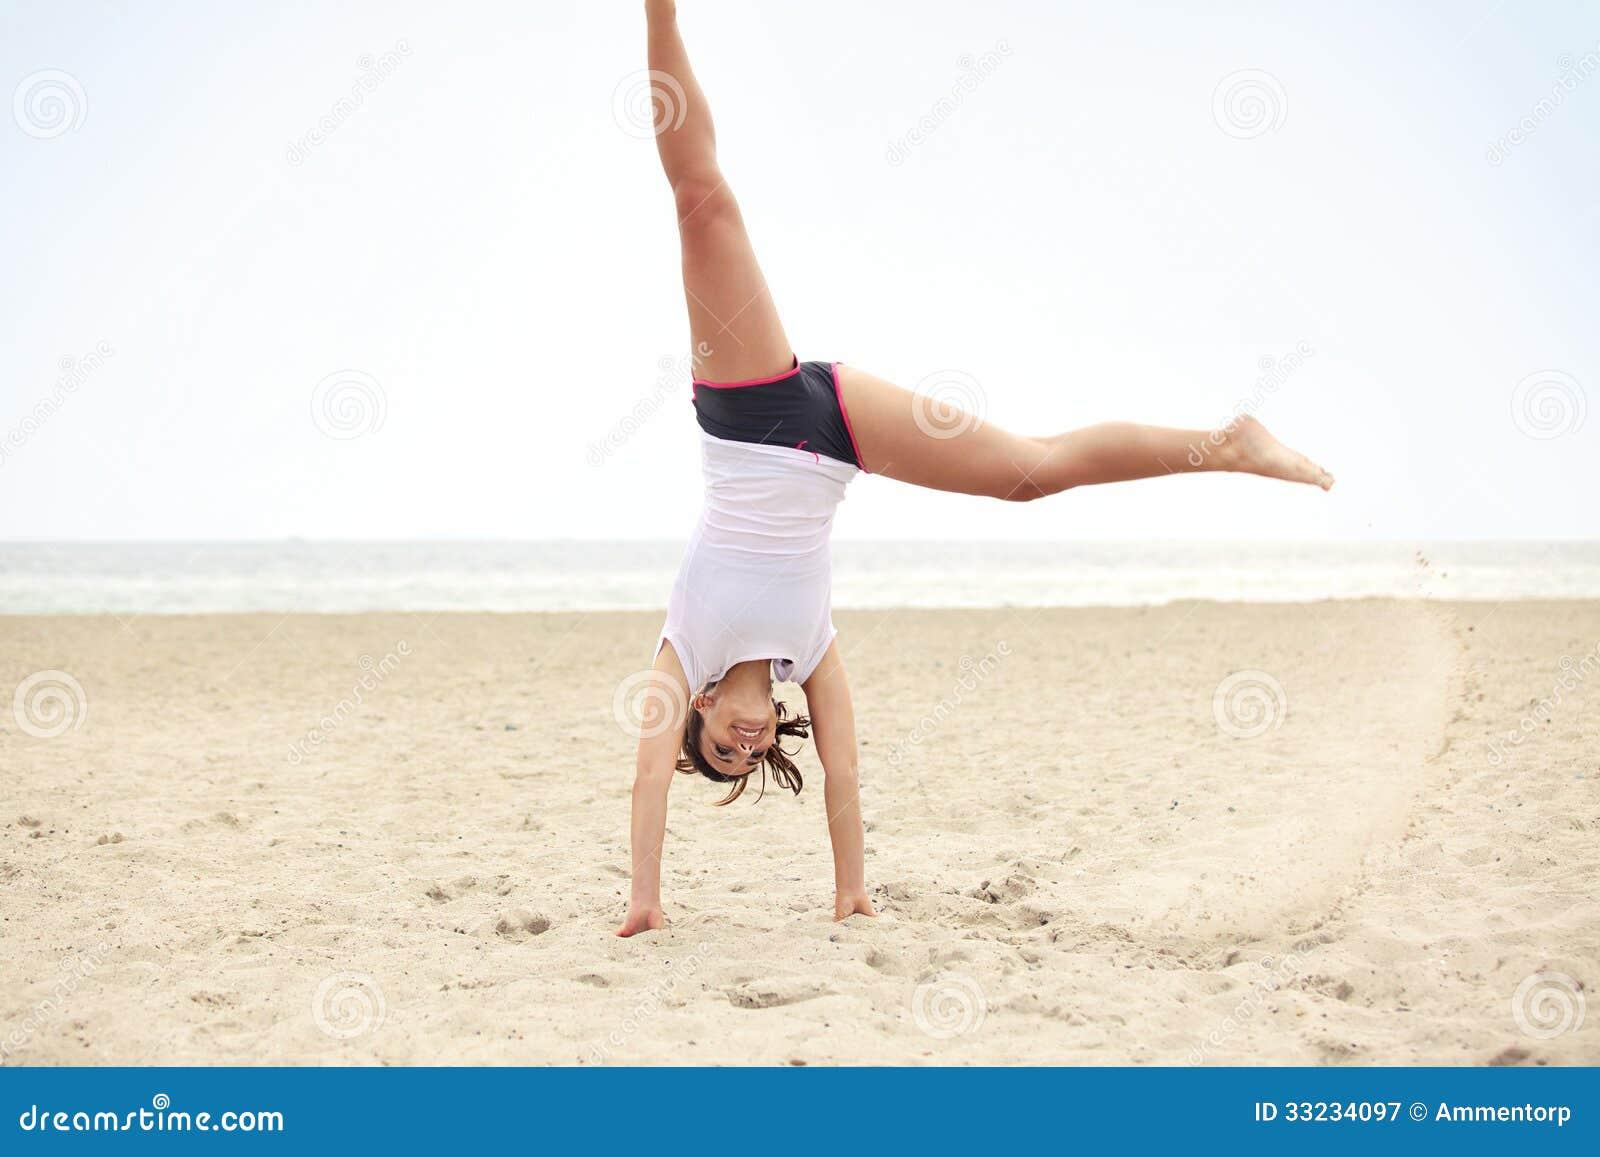 Adult Gymnast Nude